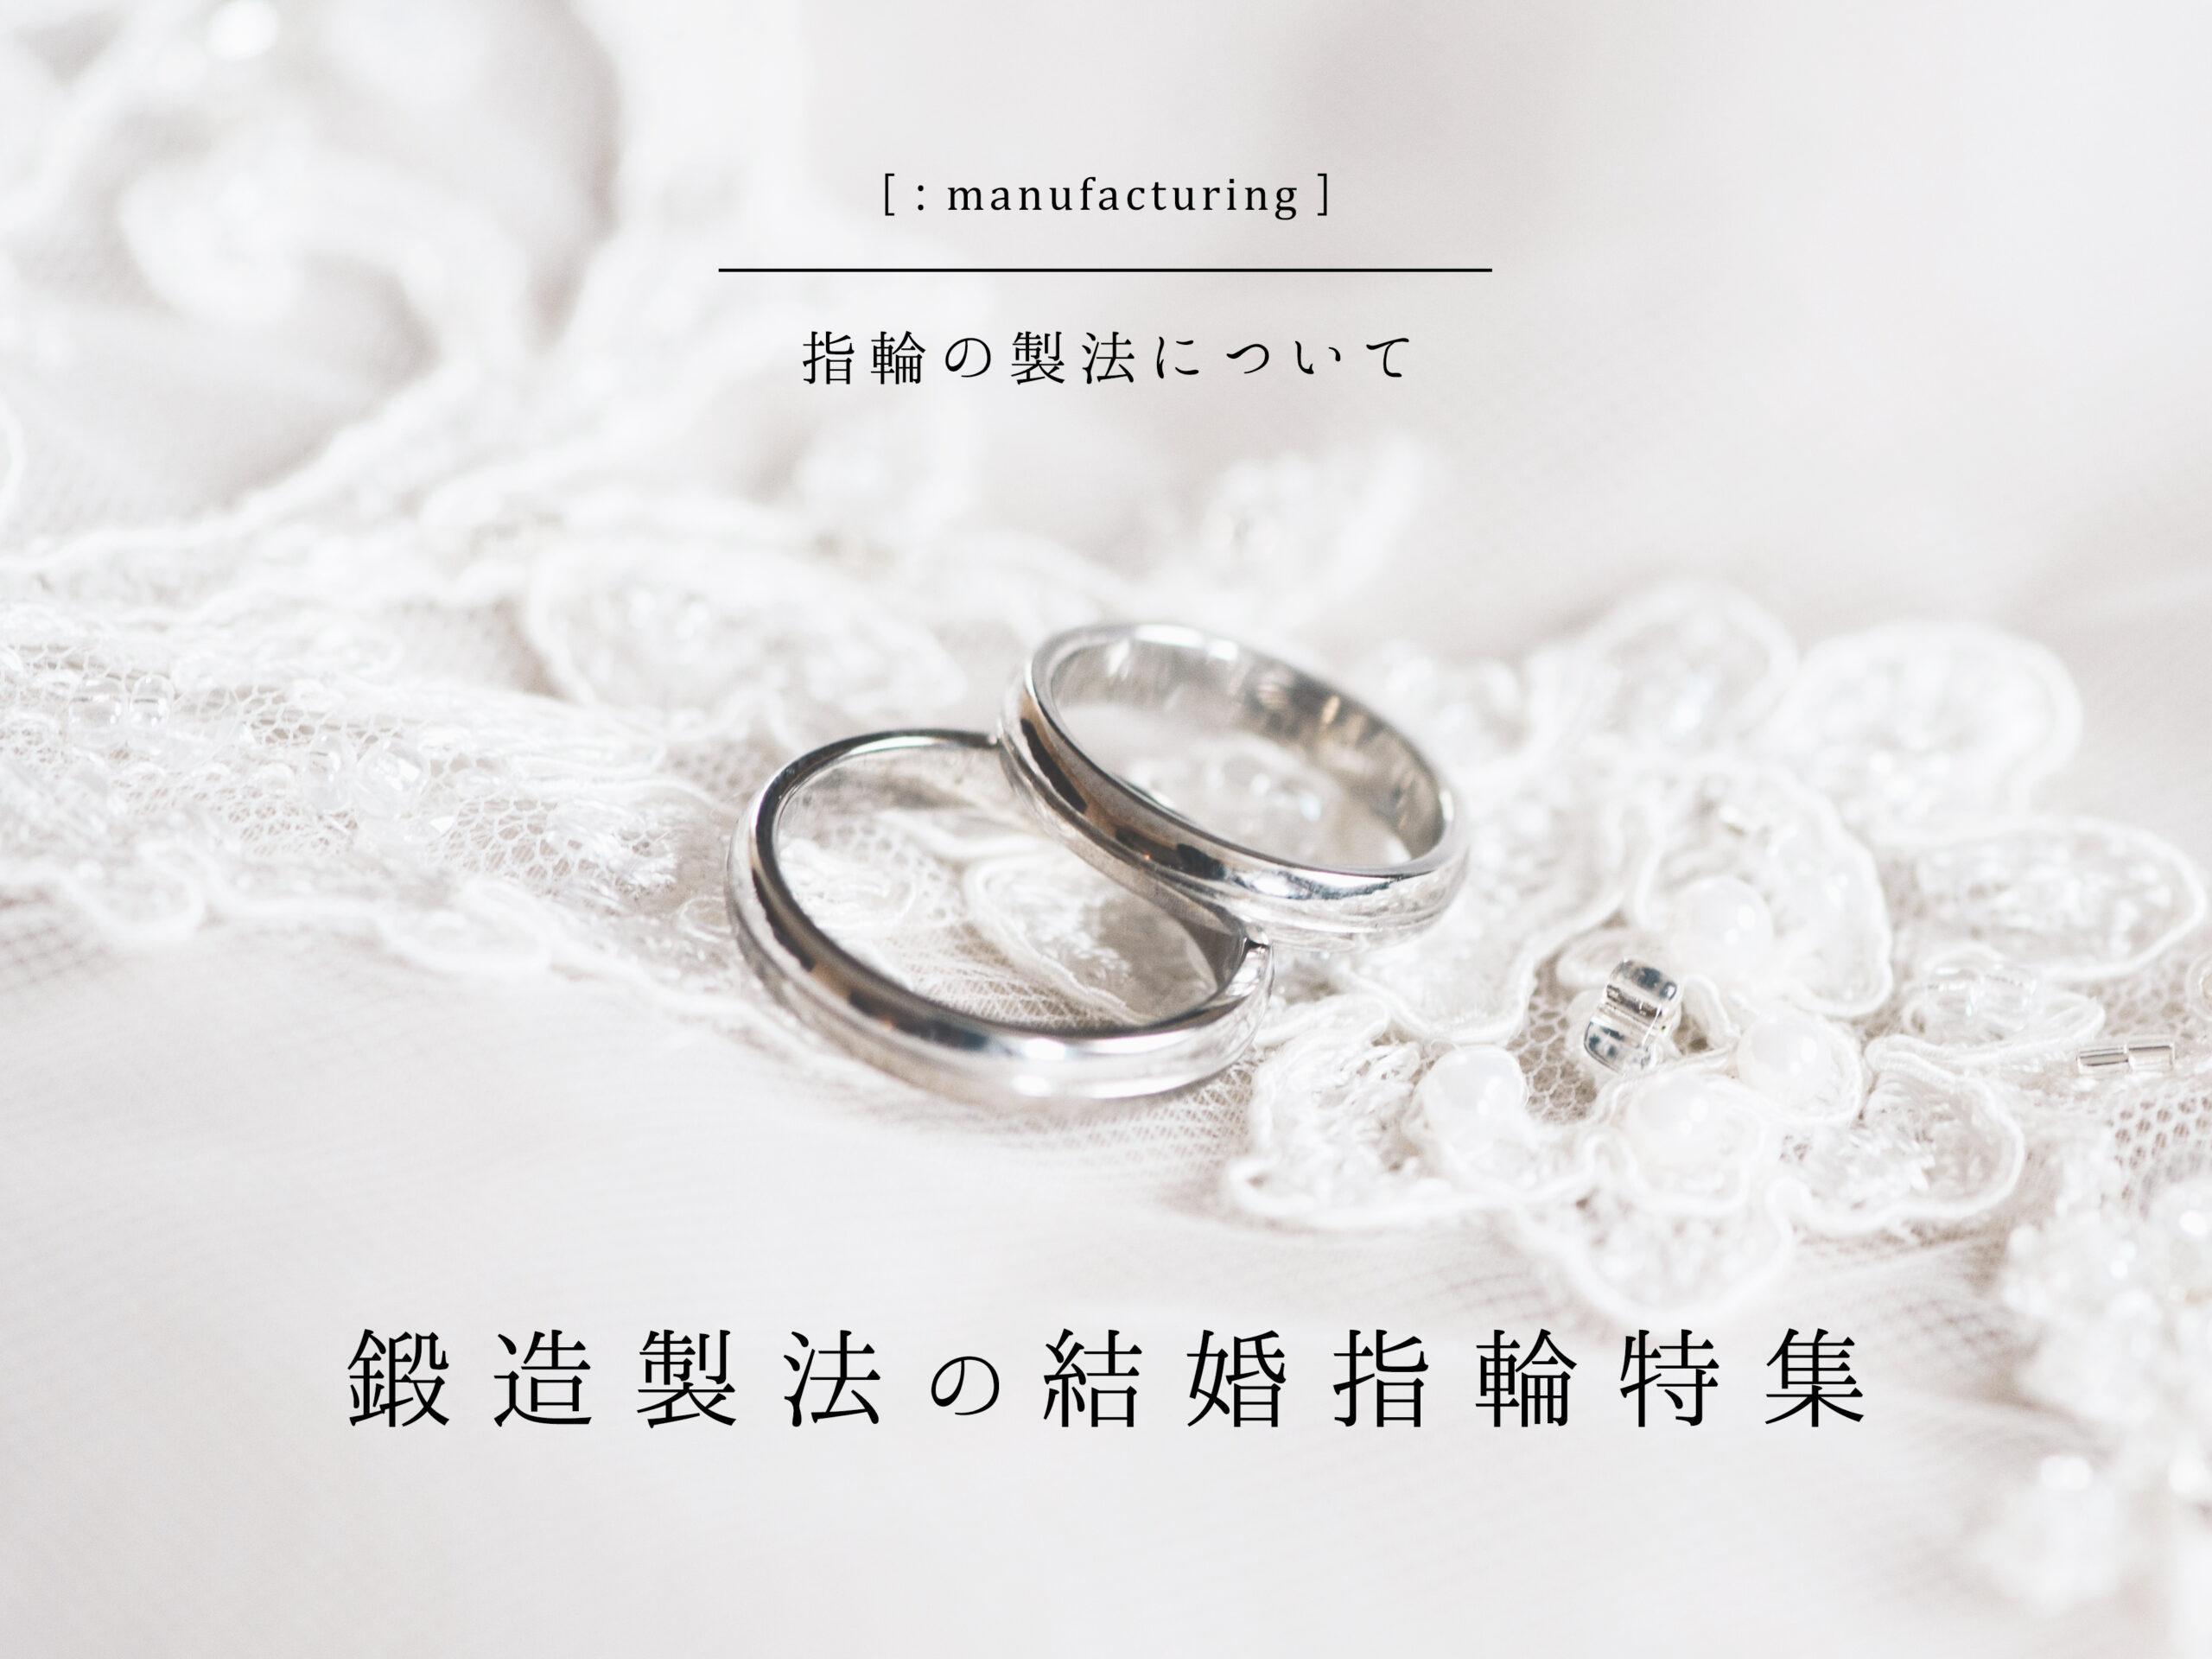 広島県広島市と広島県福山市のブライダル専門セレクトジュエリーショップヴァニラでお取り扱いする鍛造製法の結婚指輪特集